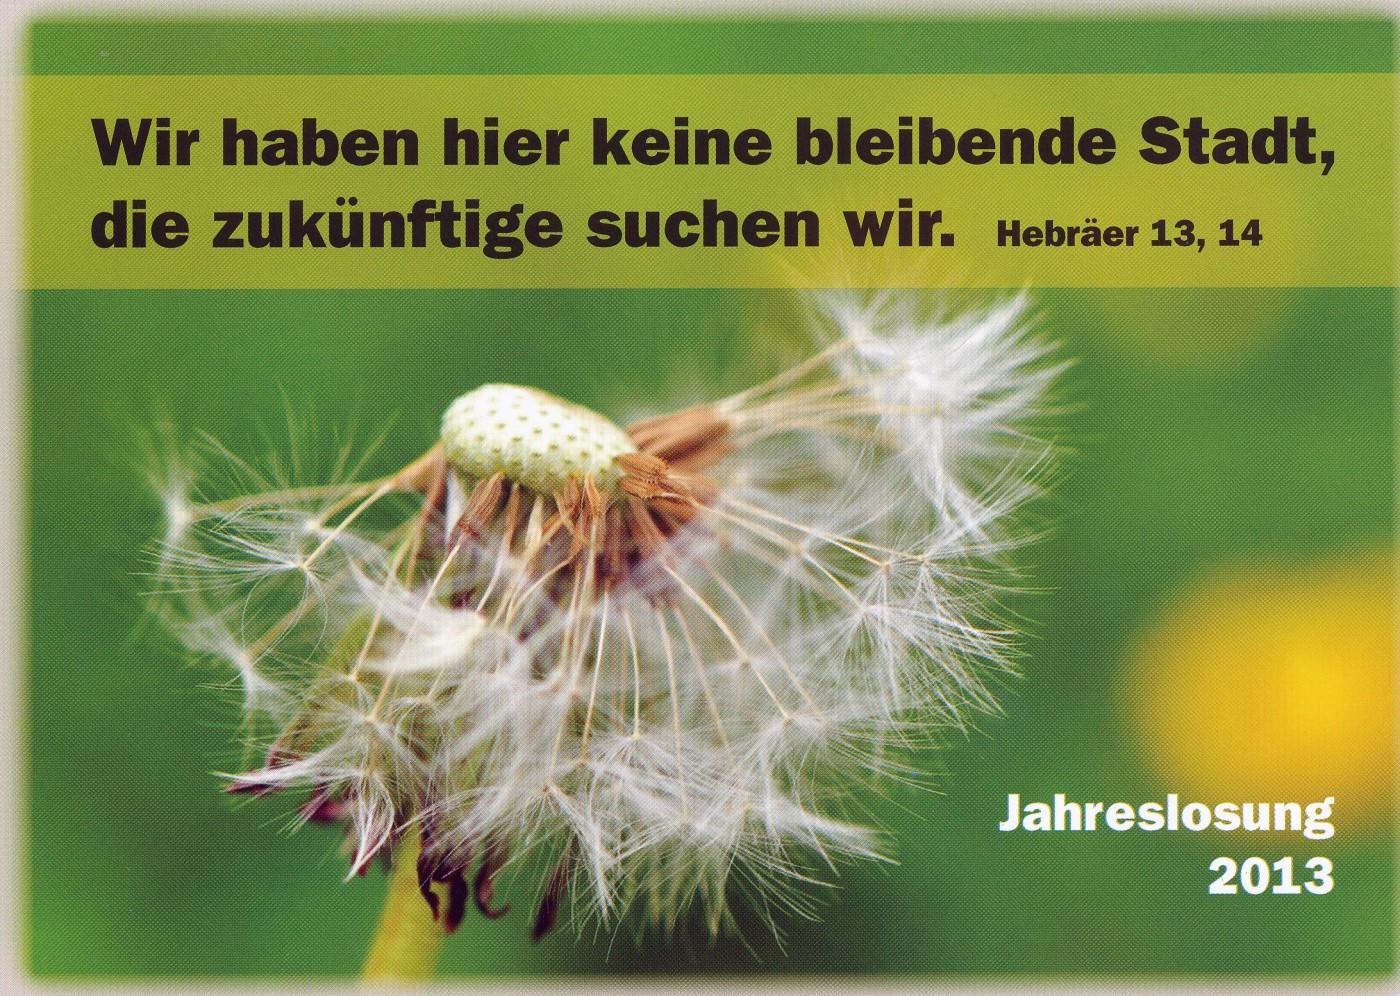 Hebräer 13,14